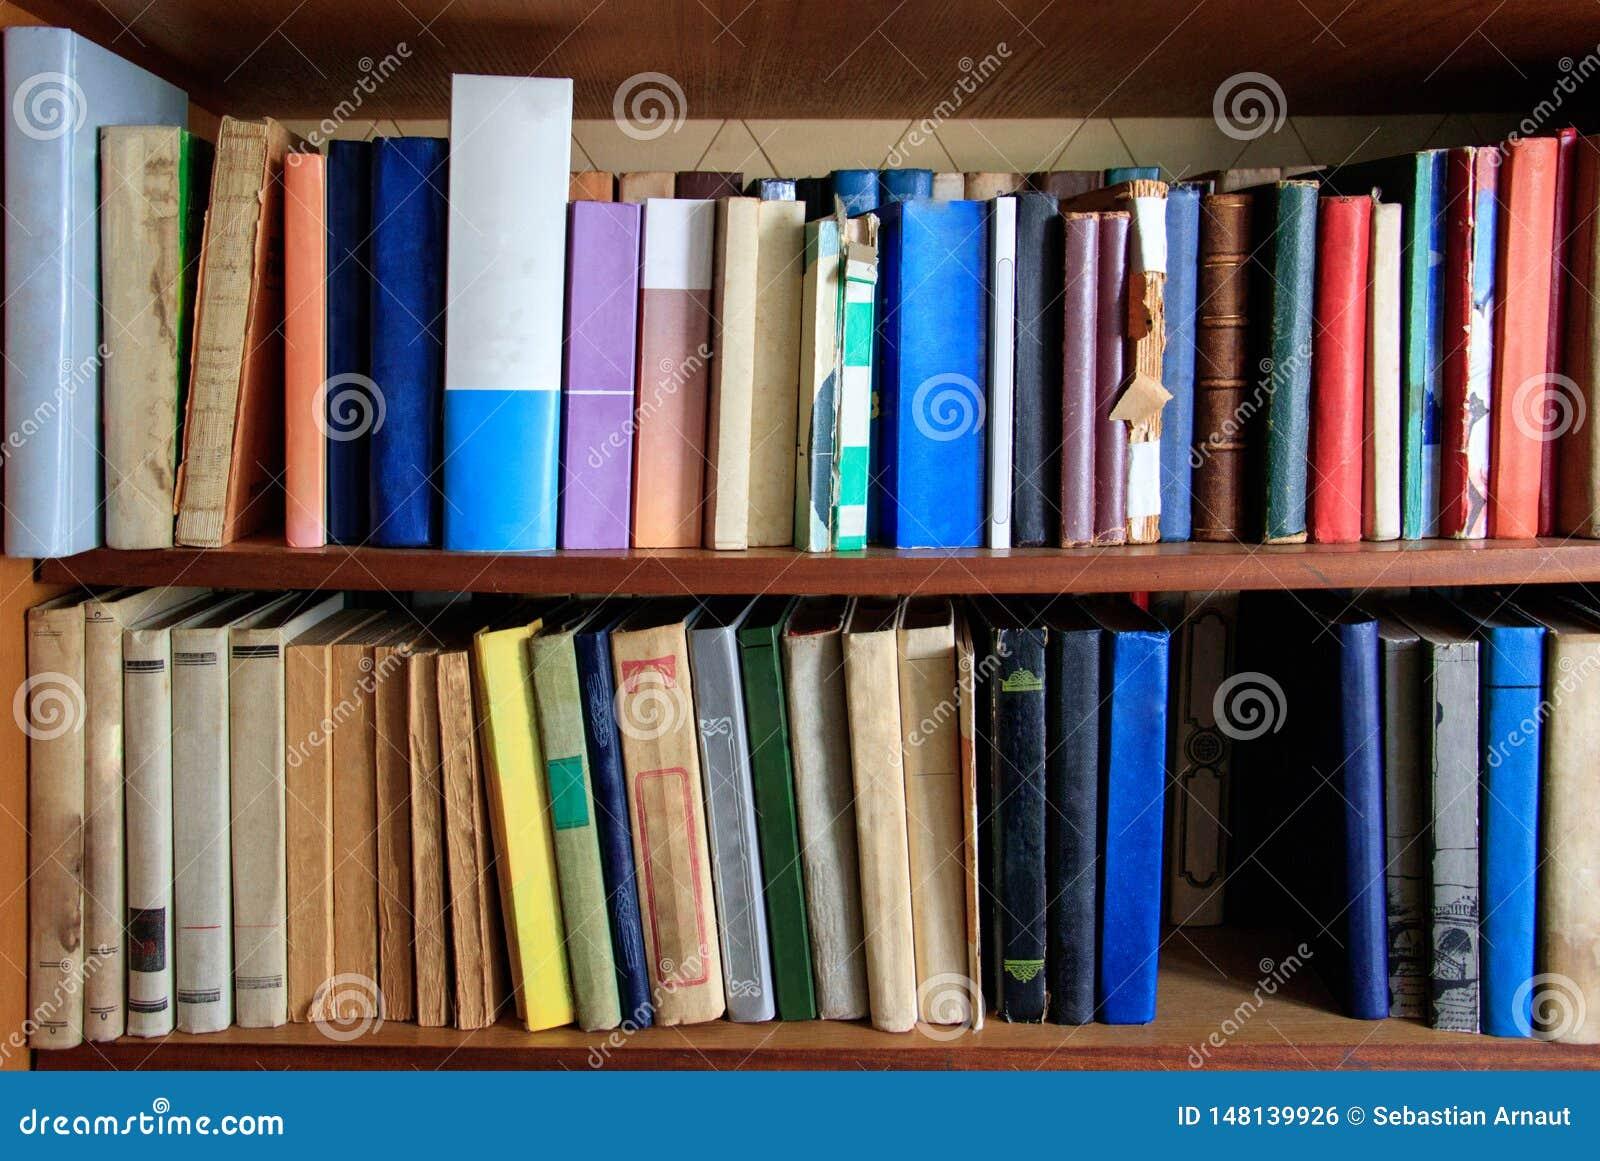 Wiele różne książki są na półkach